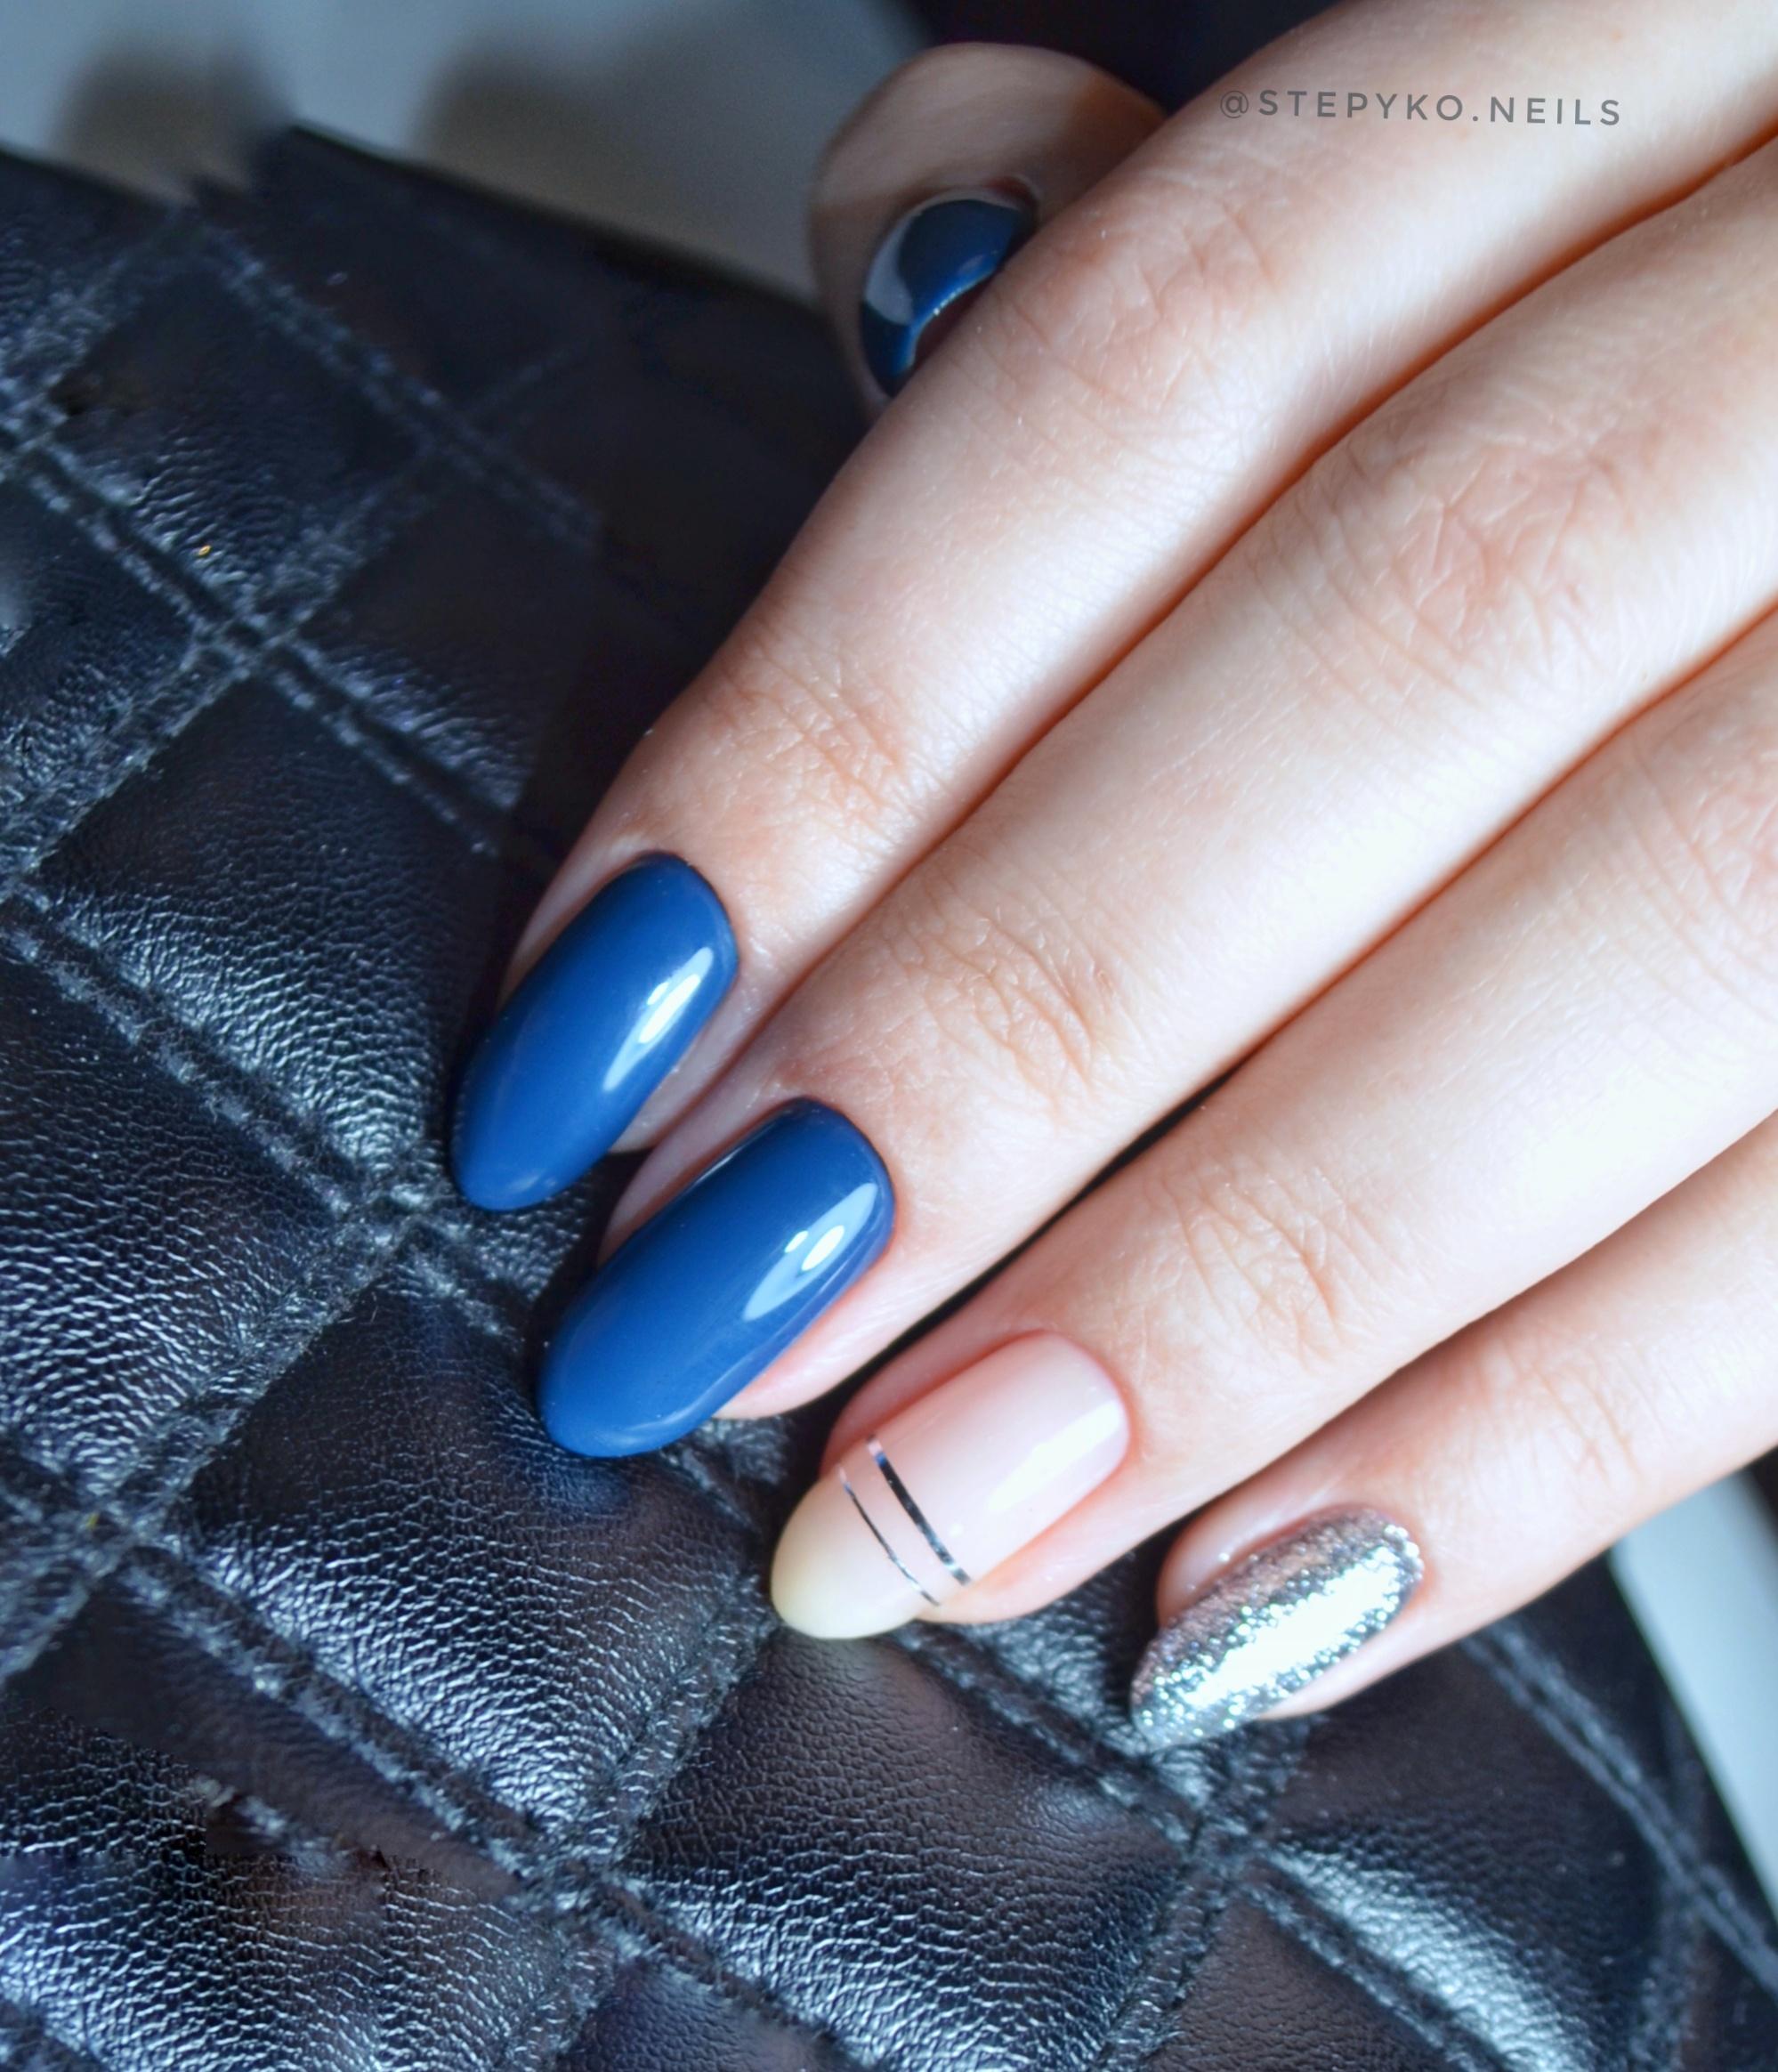 Маникюр с серебряными блестками и полосками в синем цвете.